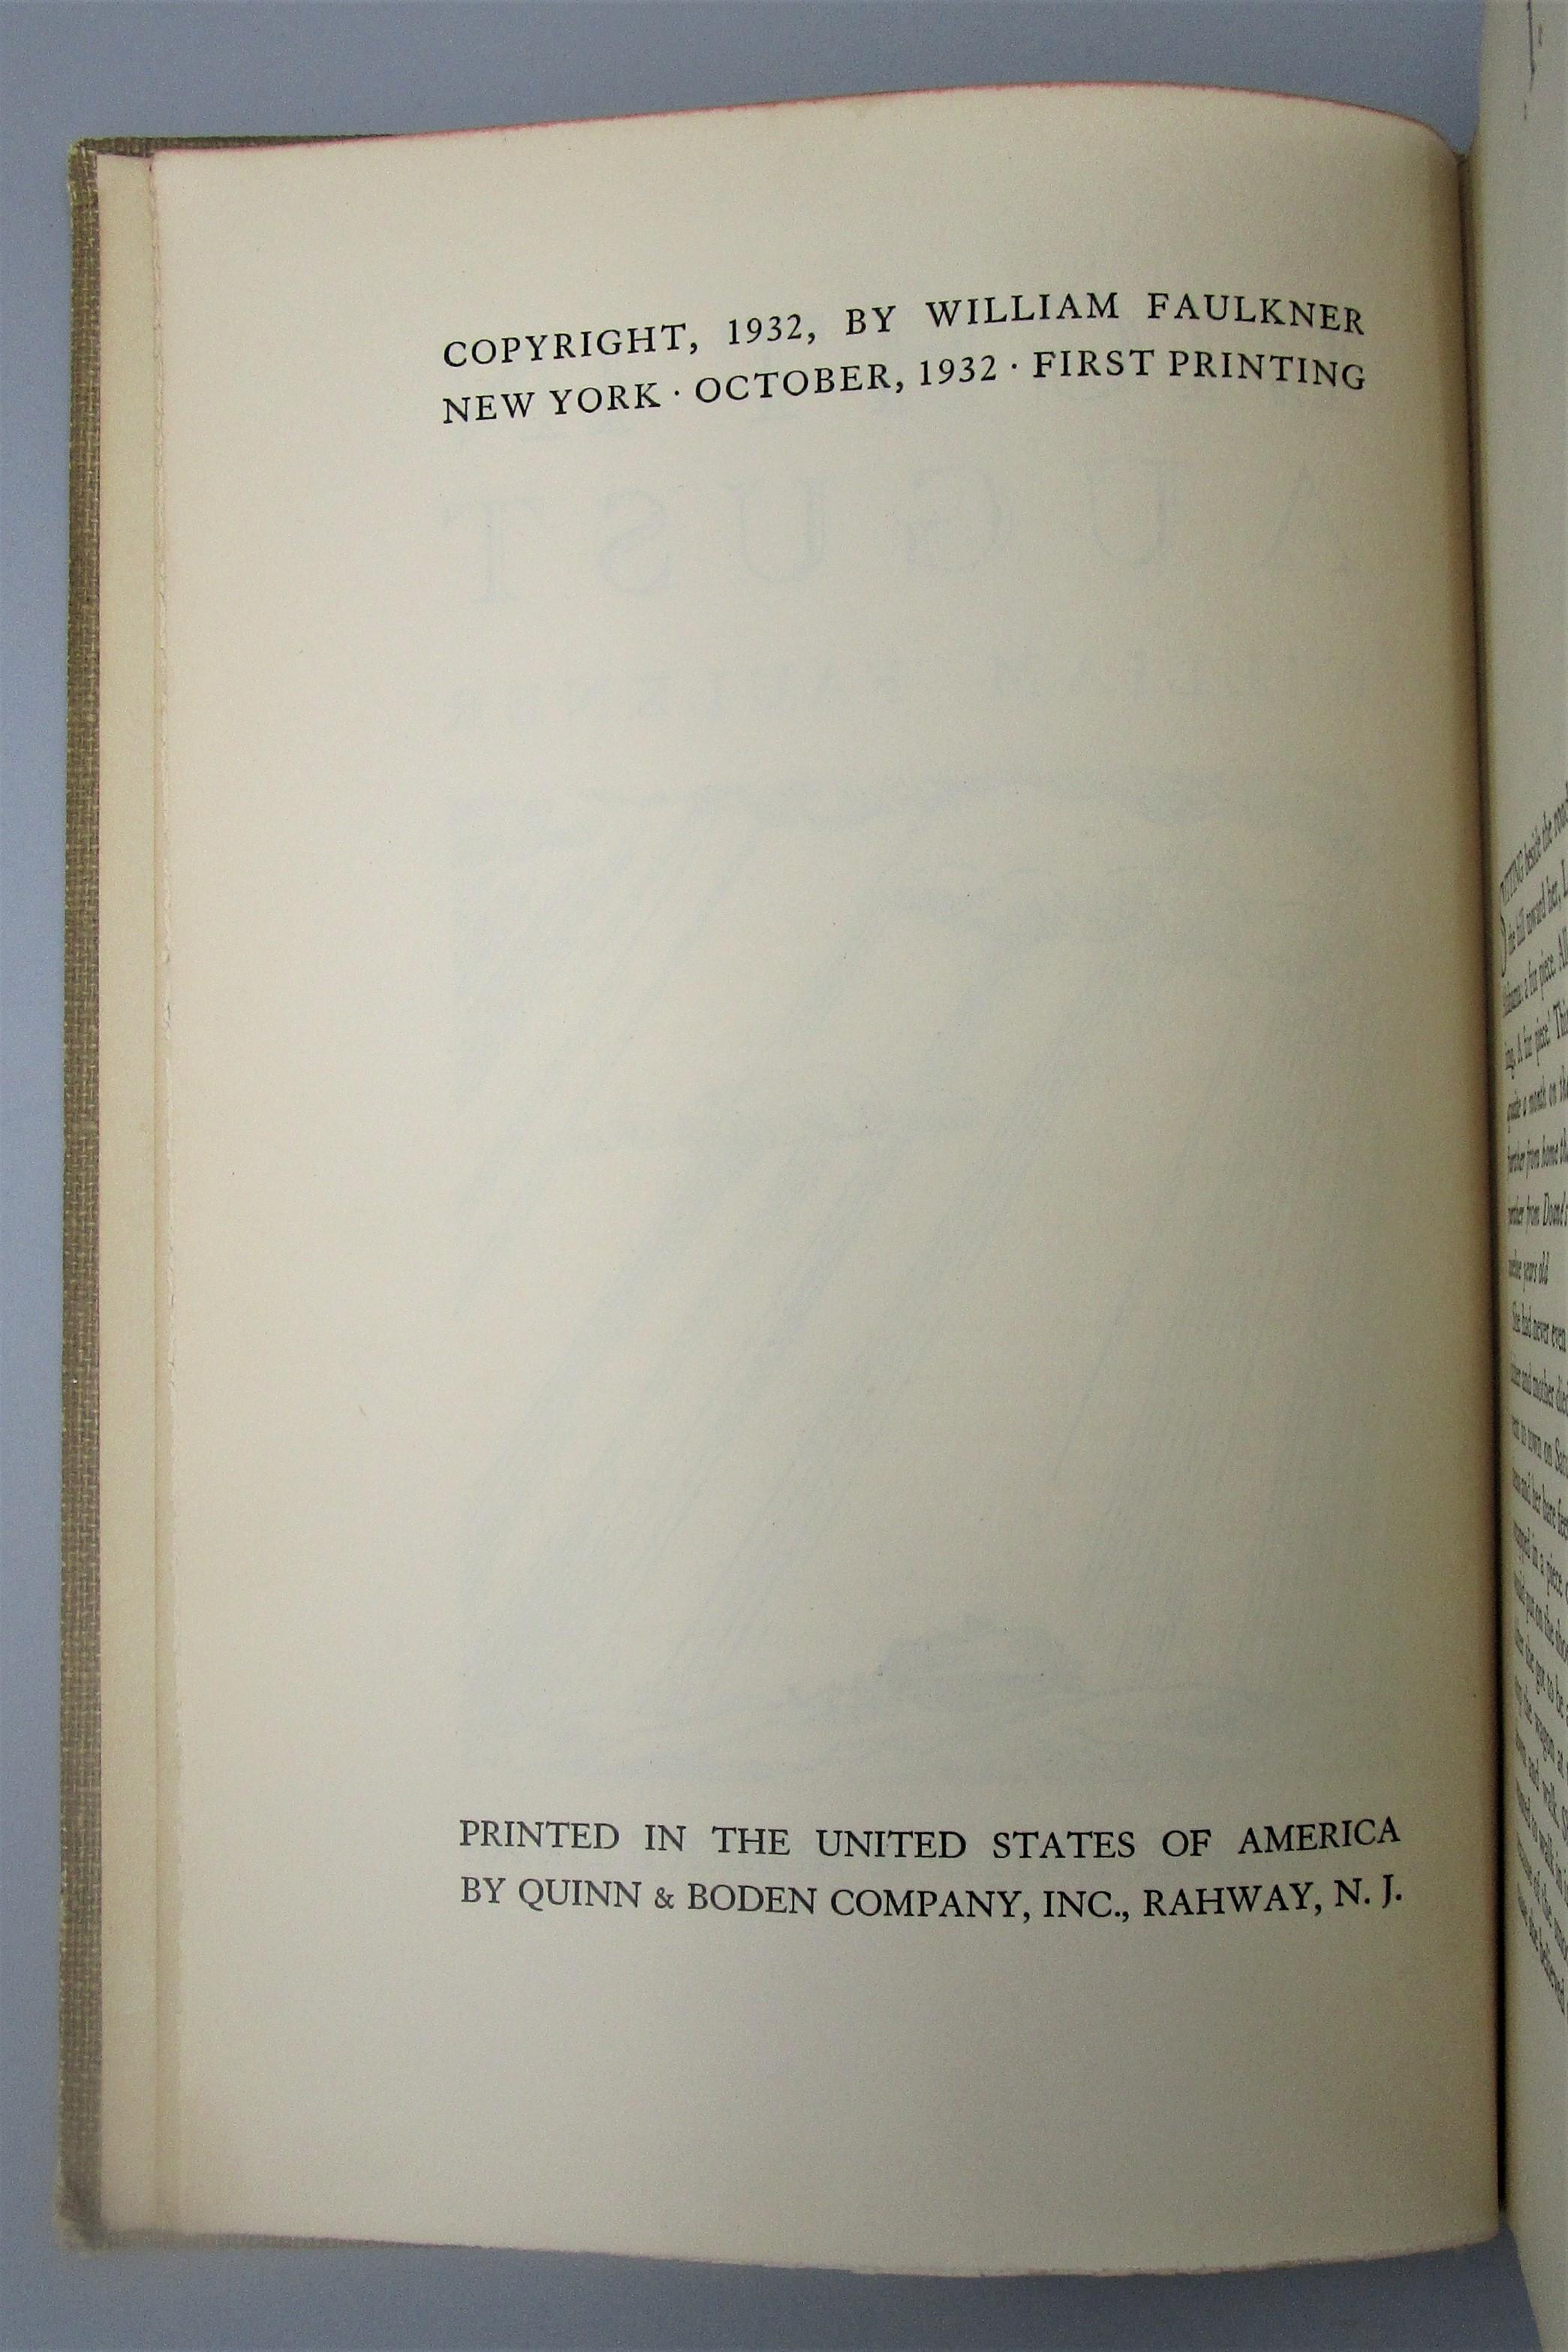 LIGHT IN AUGUST, by William Faulkner - 1932 [1st Ed]